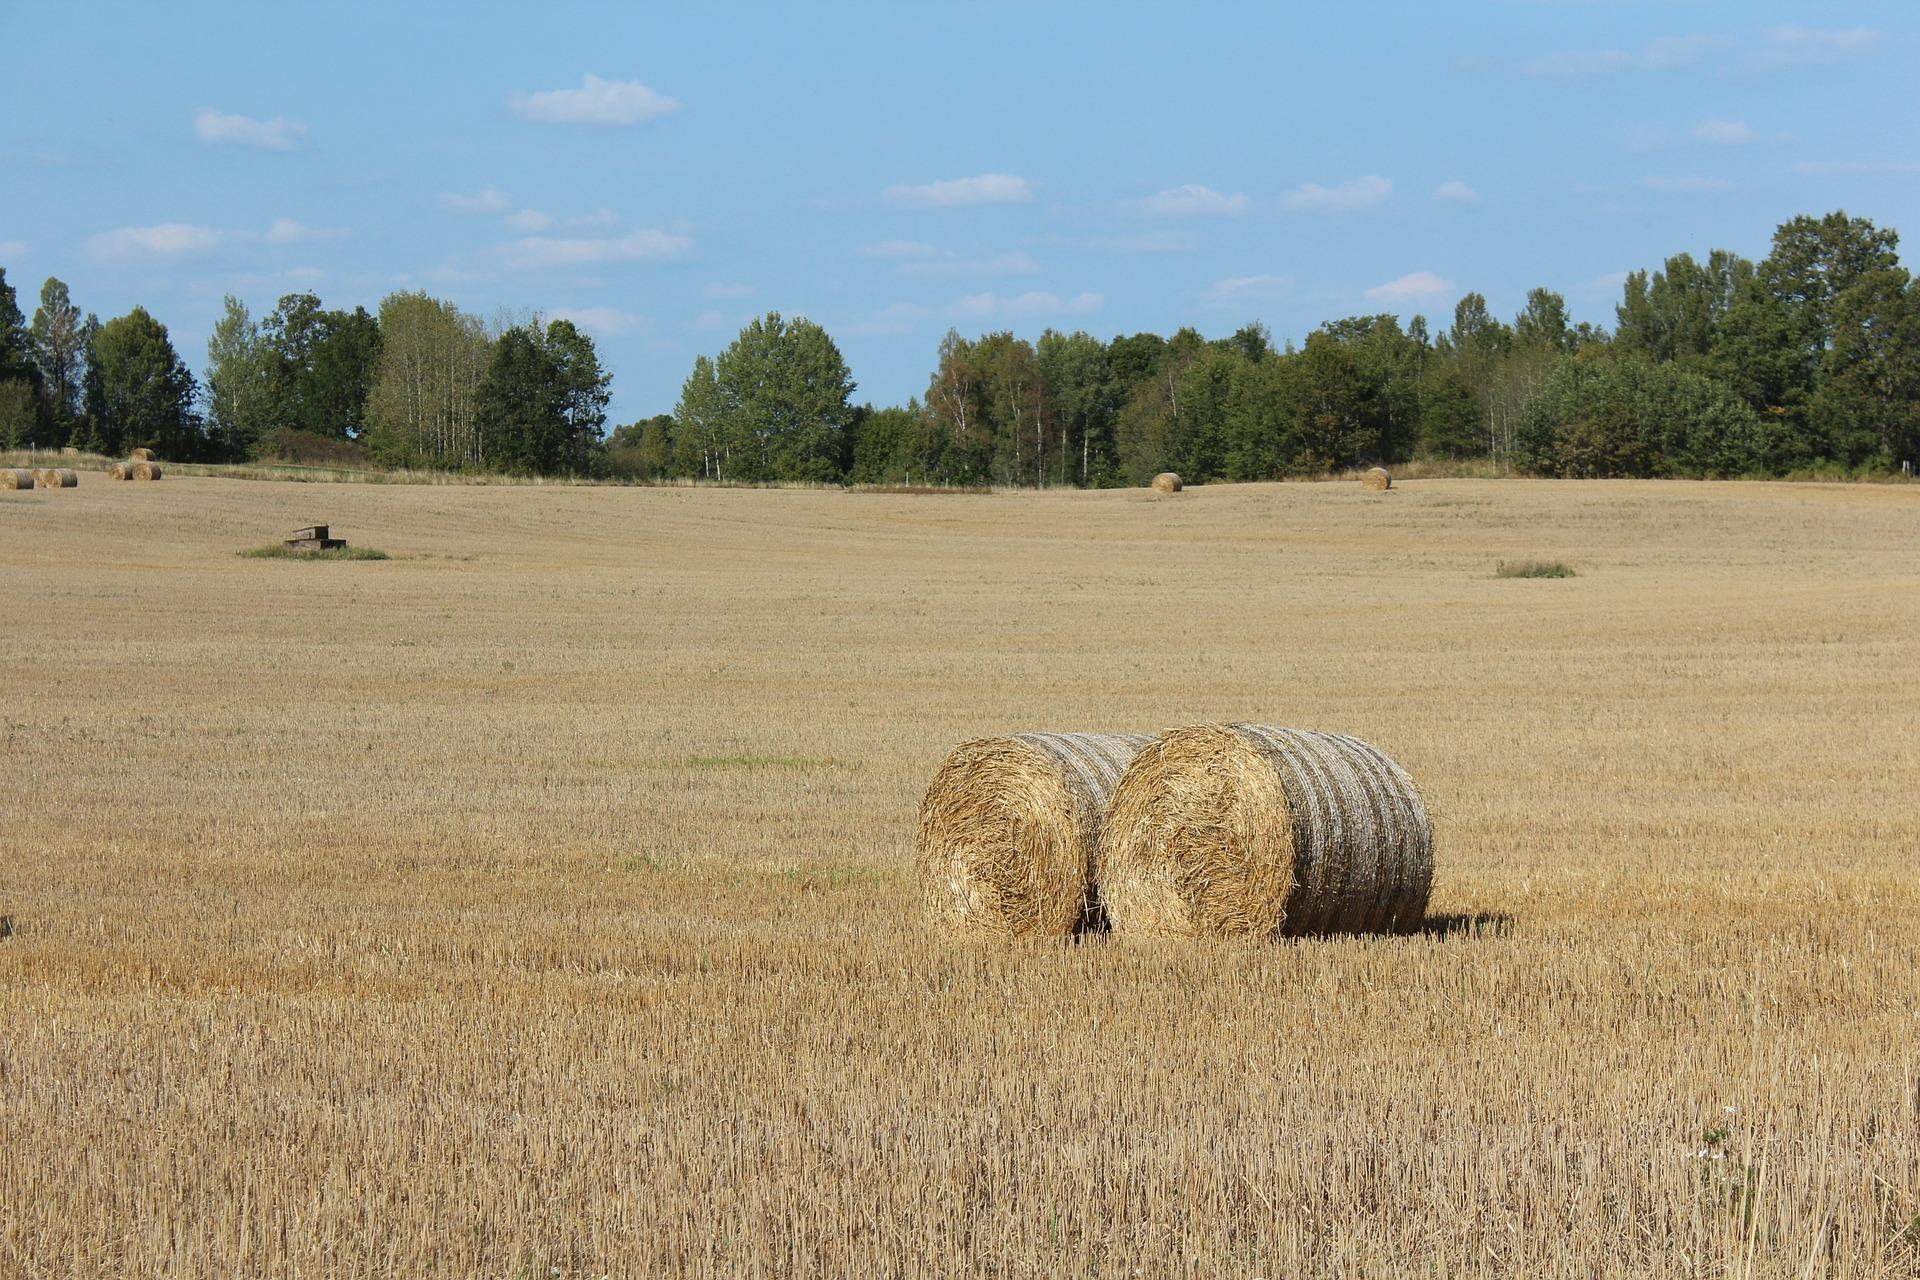 Ethylen-Pipeline-Süd – und die enteignungsrechtliche Besitzeinweisungen in landwirtschaftlich genutzte Grundstücke